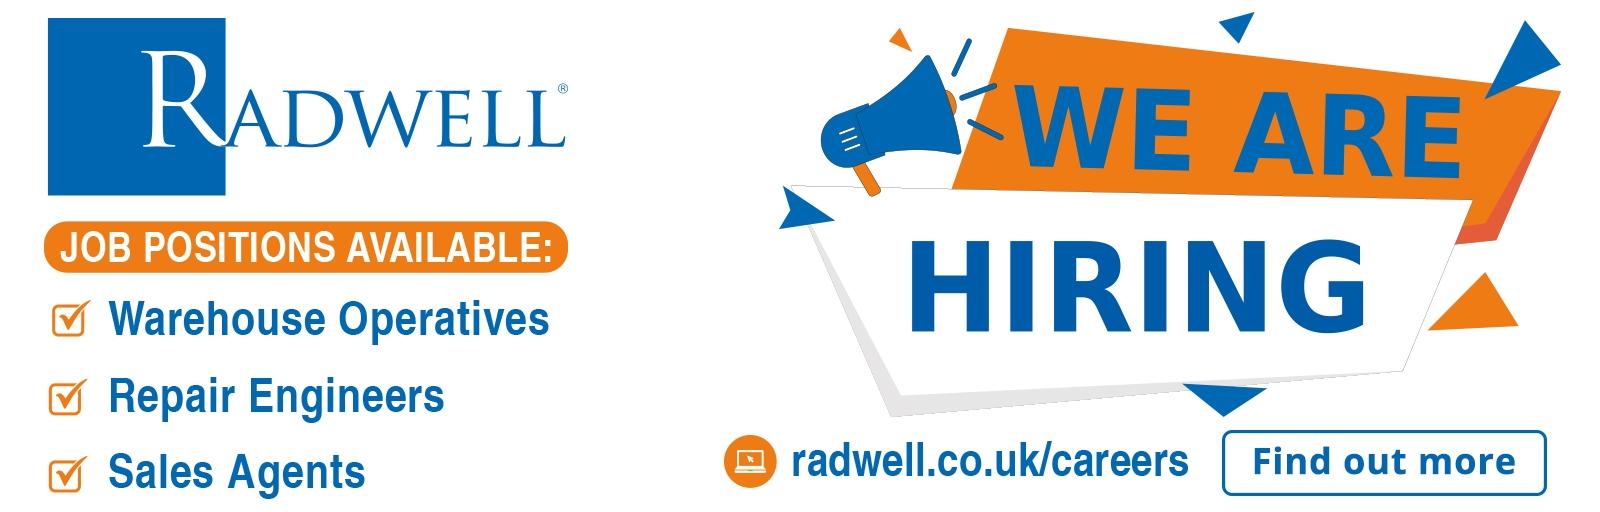 radwell-careers